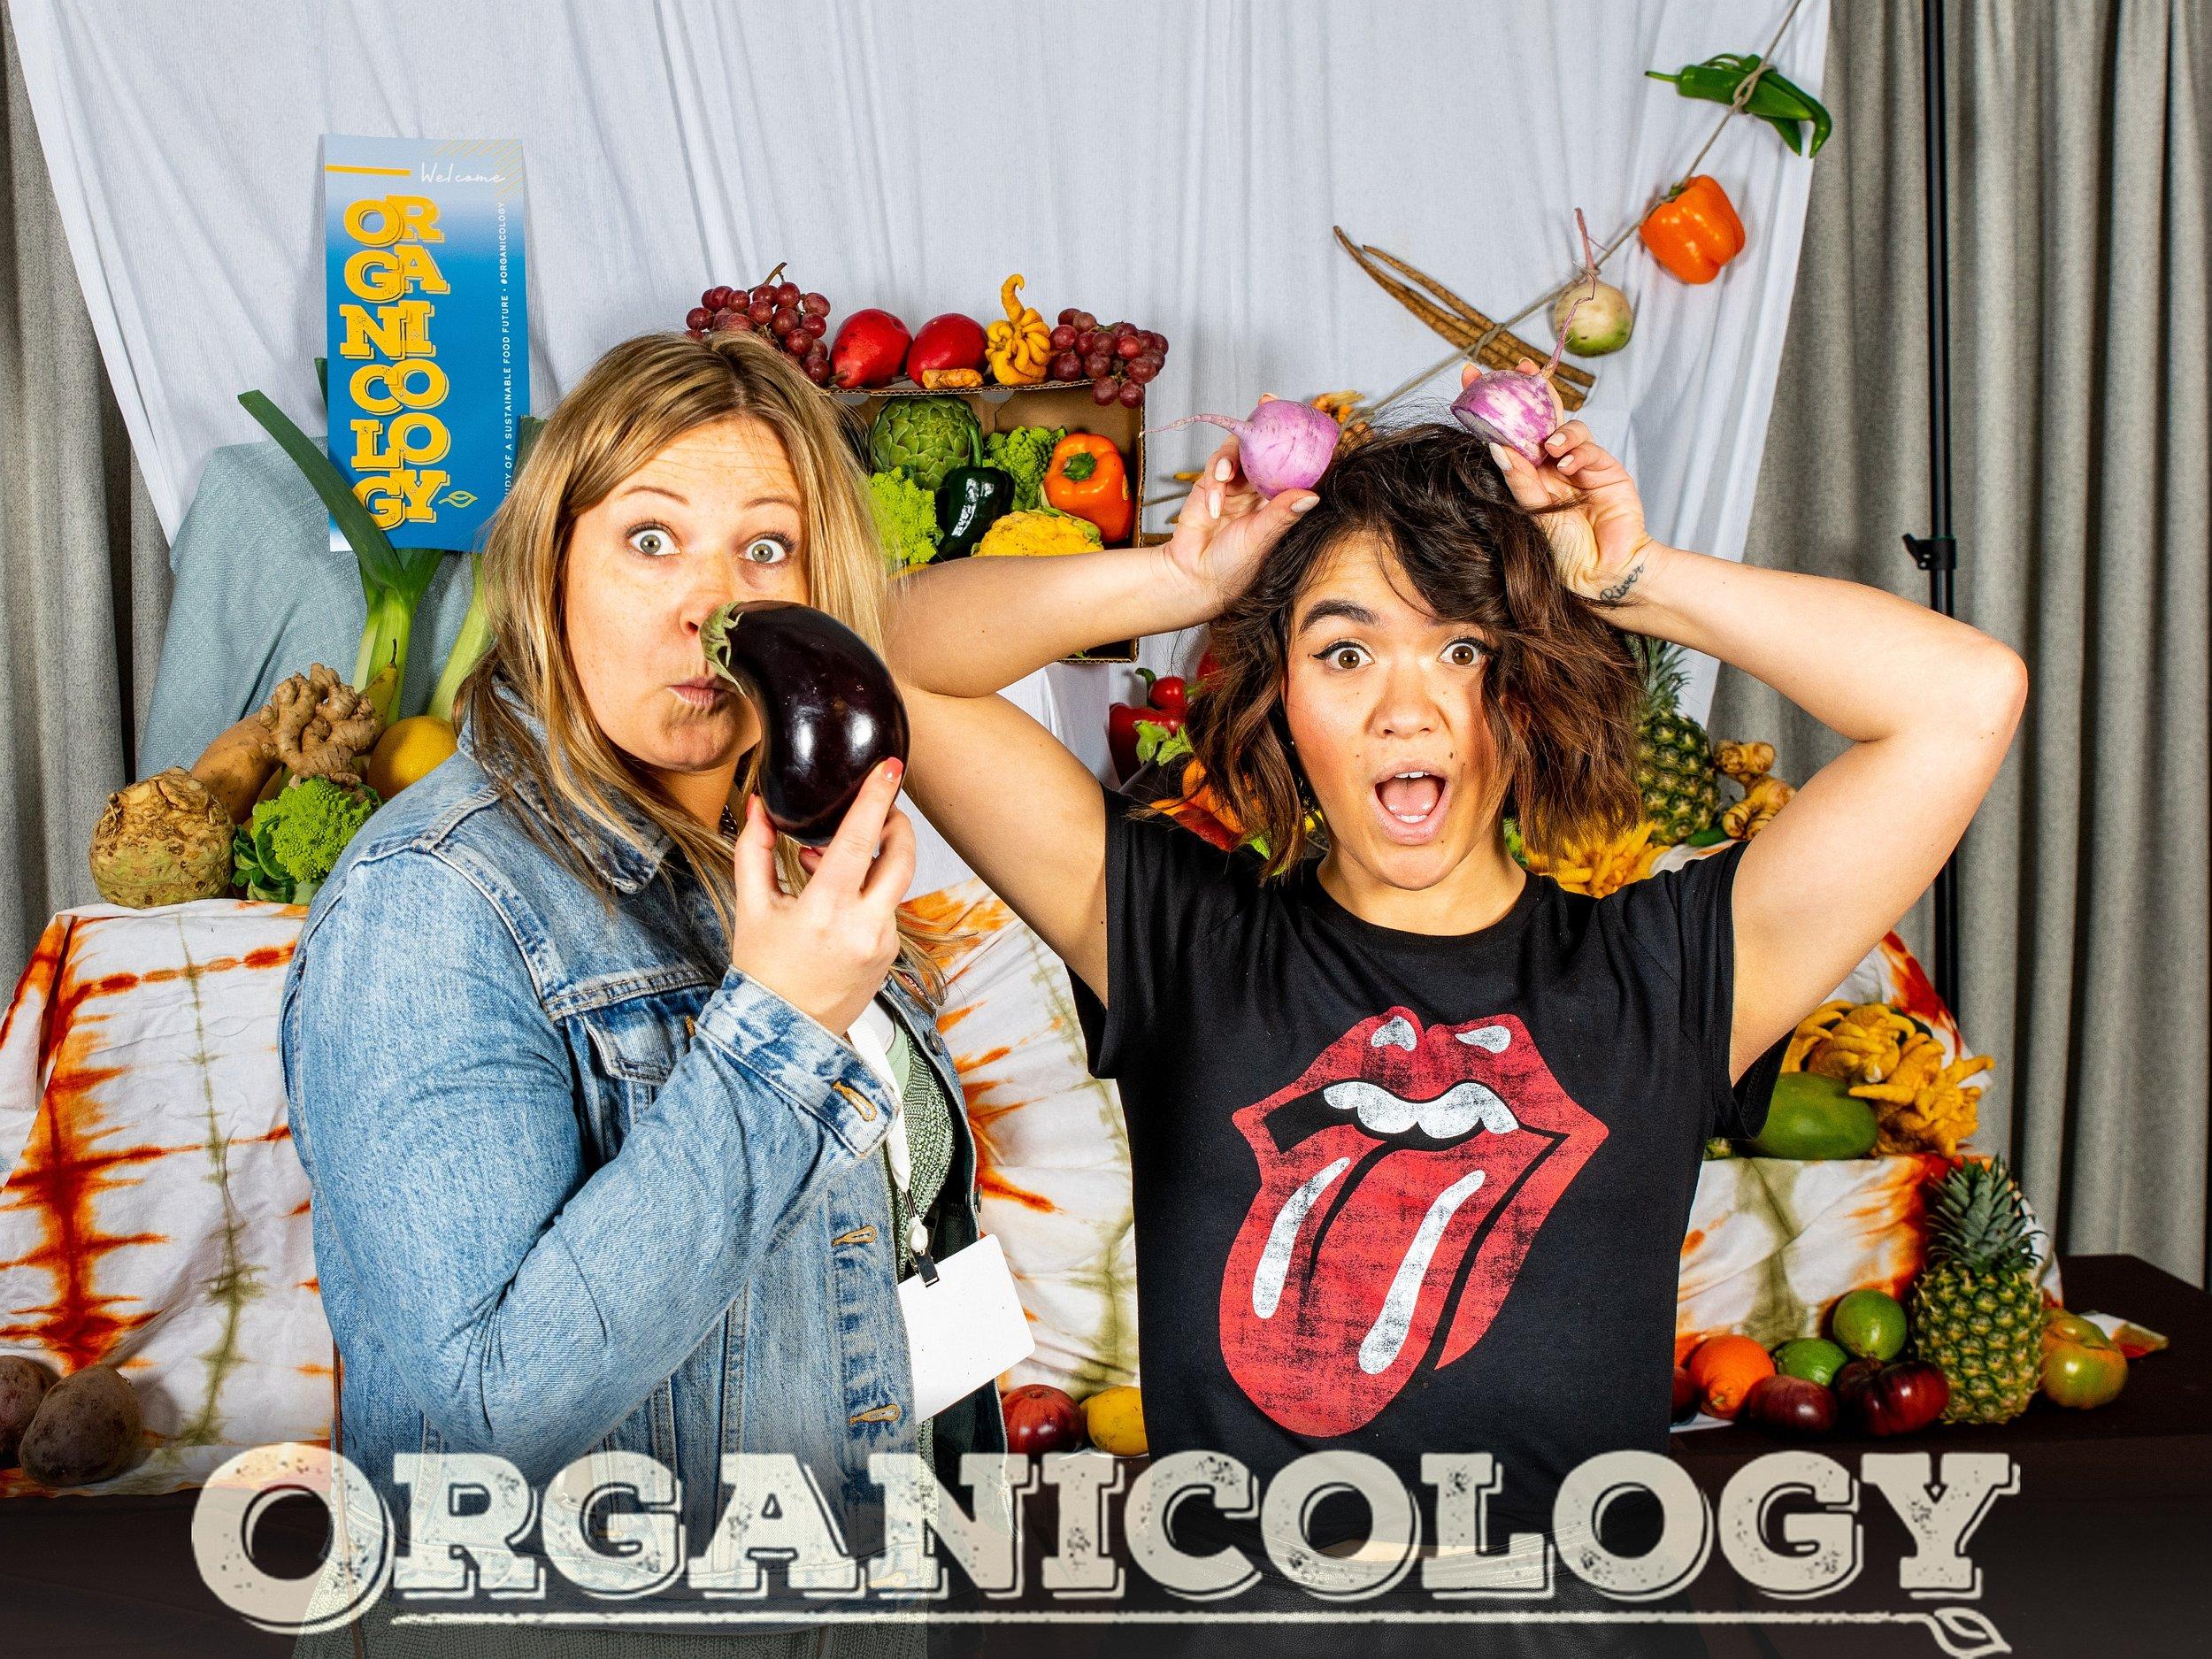 Organicology-2019-Booth-057-BrokenBanjo-Tonya_Amelia.jpg